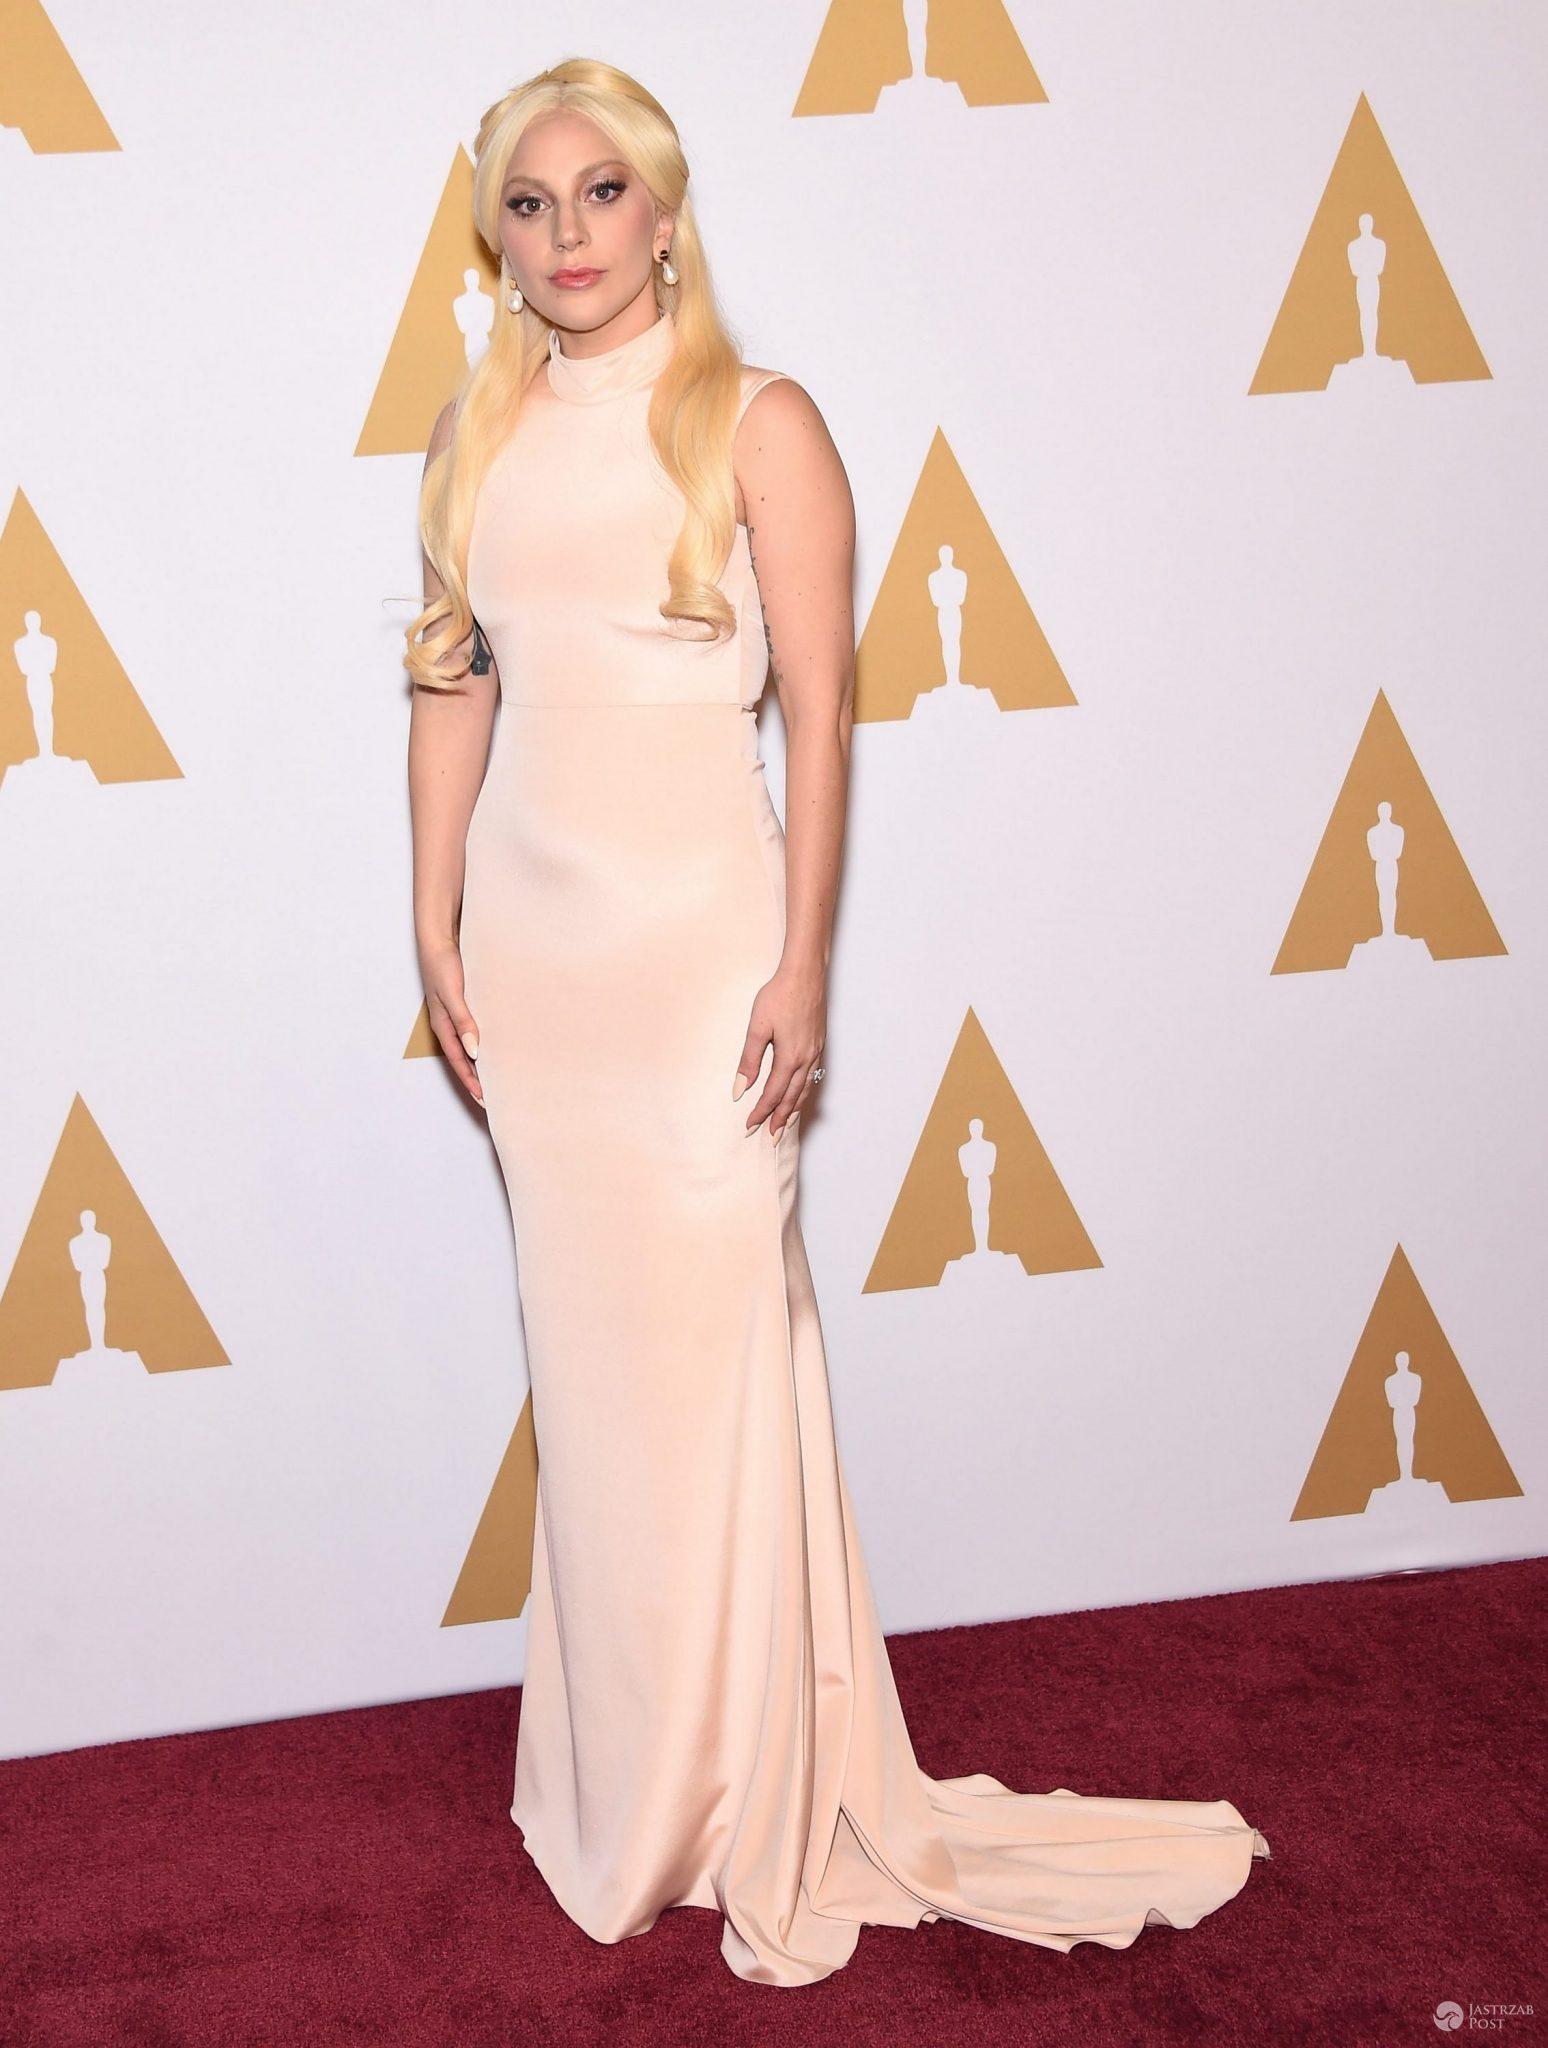 Suknia: Siriano. Lady Gaga na spotkaniu przed uroczystością wręczenia Oscarów 2016 (fot. ONS)